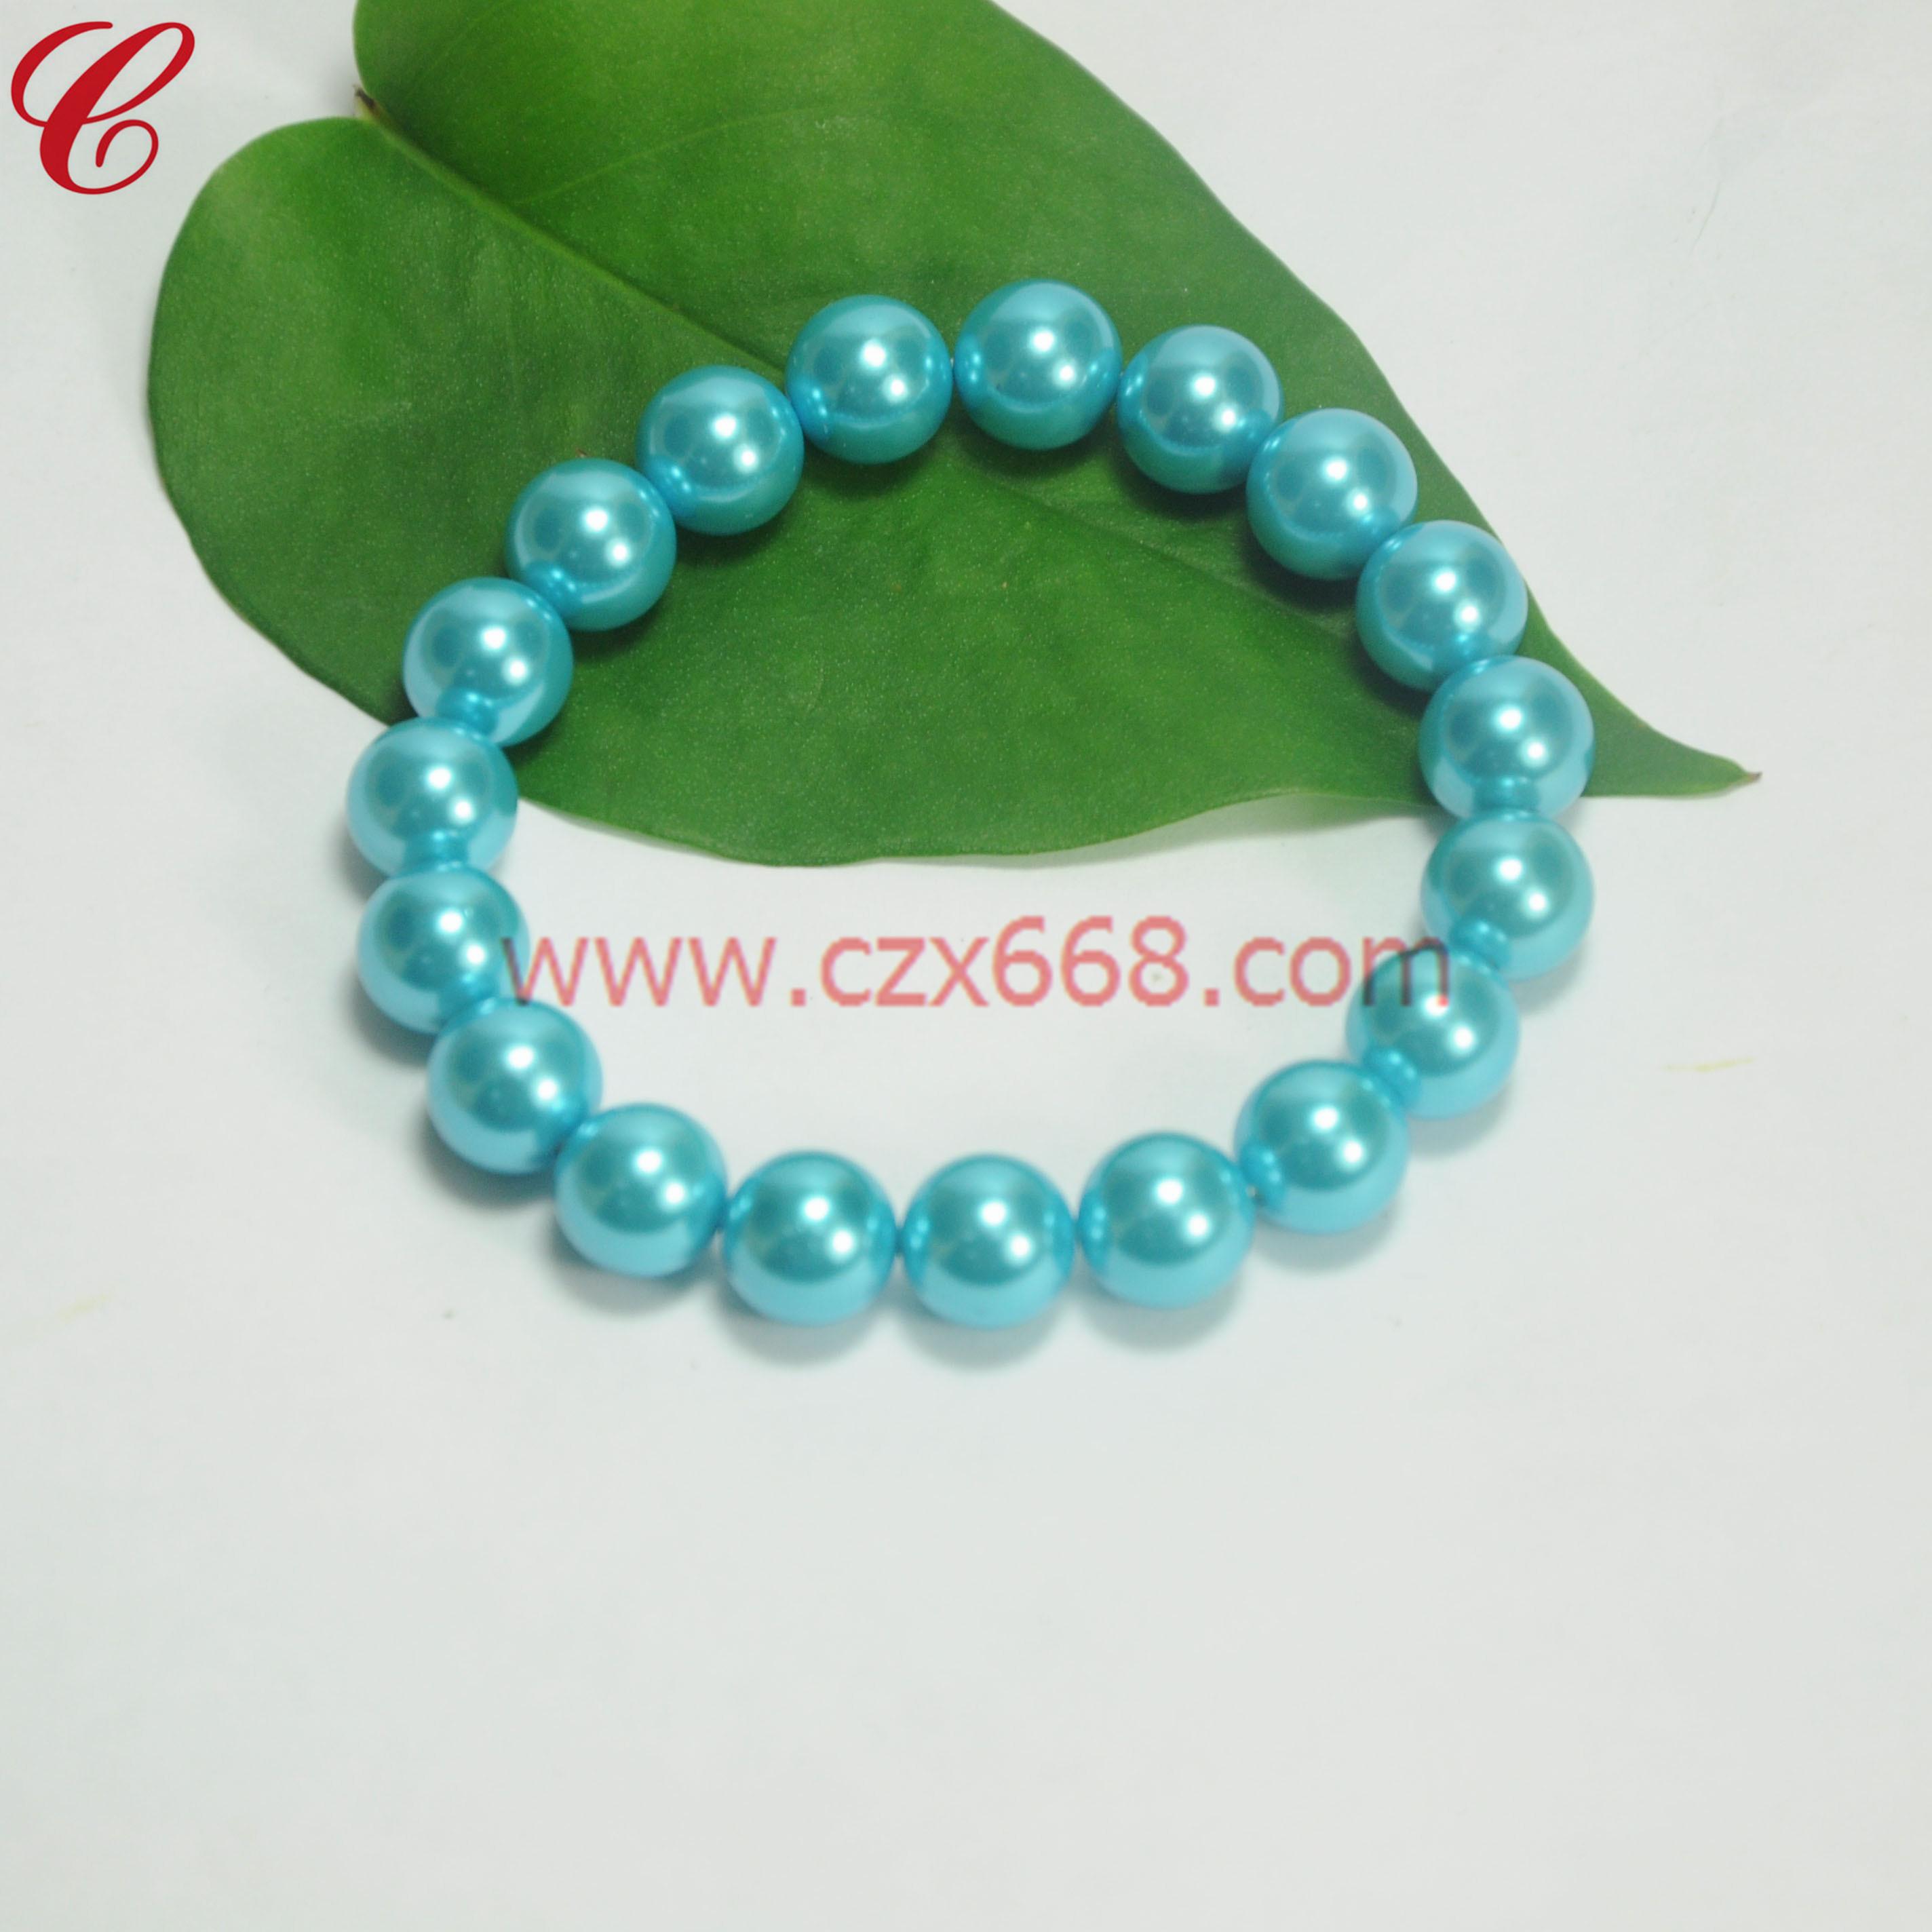 仿珍珠饰品手链-37